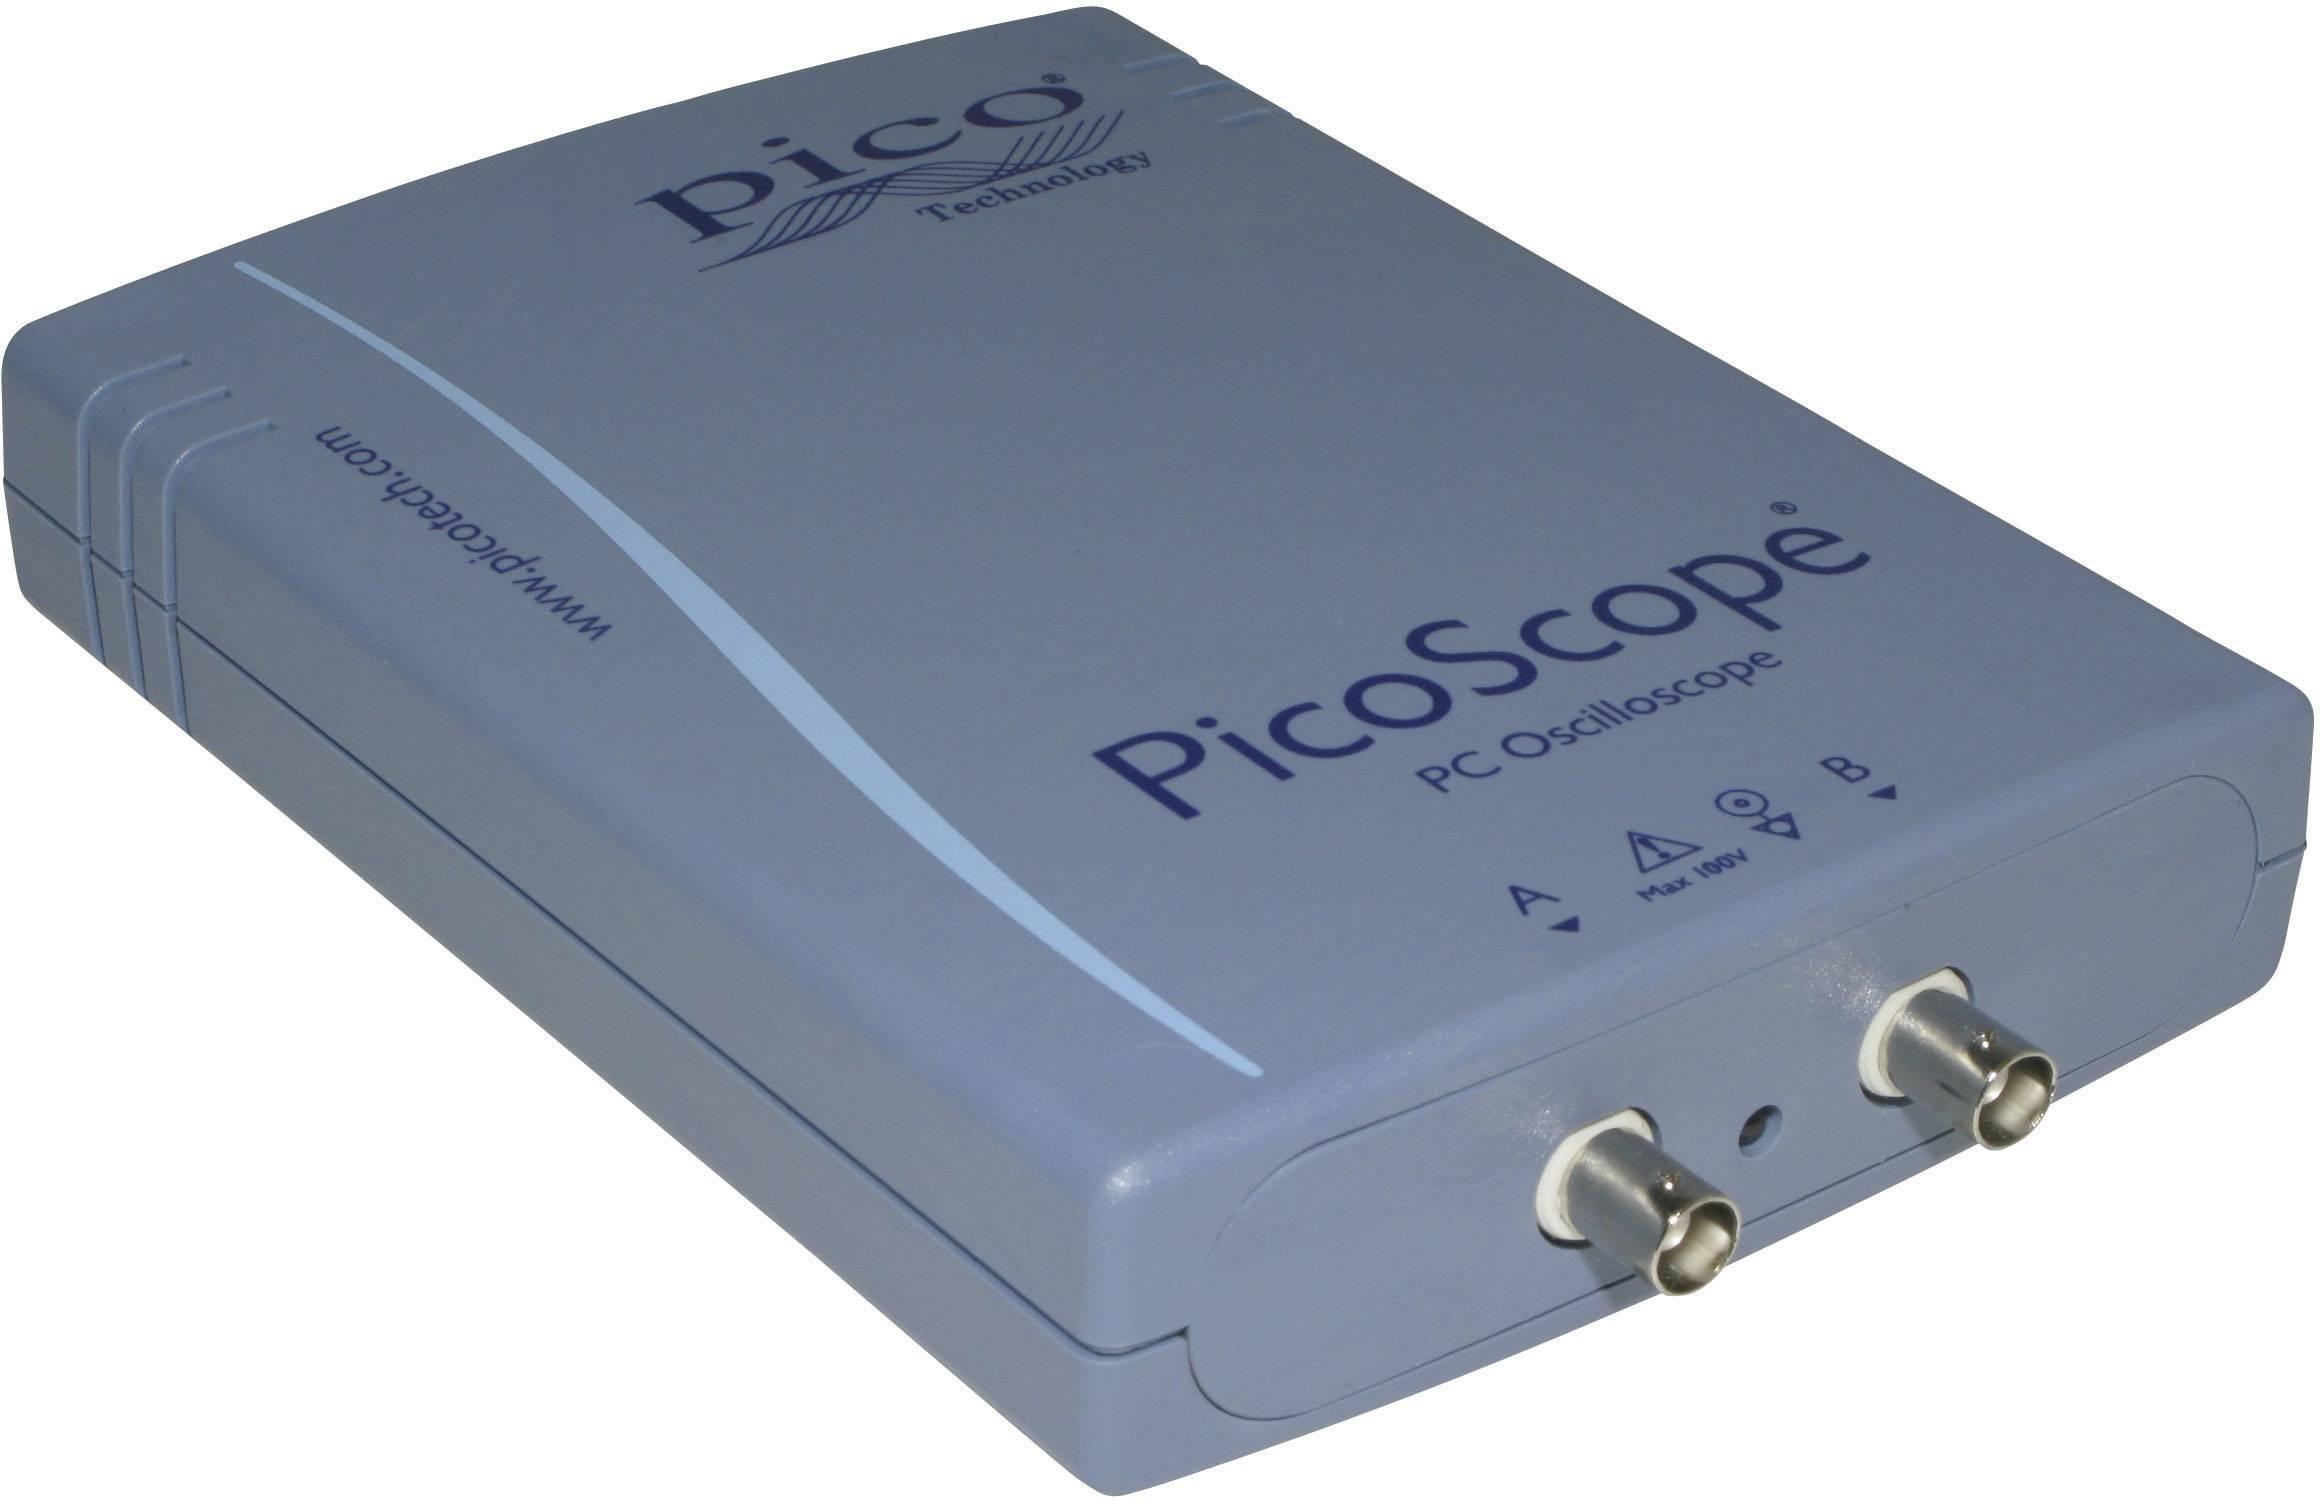 USB, PC osciloskop pico PP478, 20 MHz, 2-kanálový